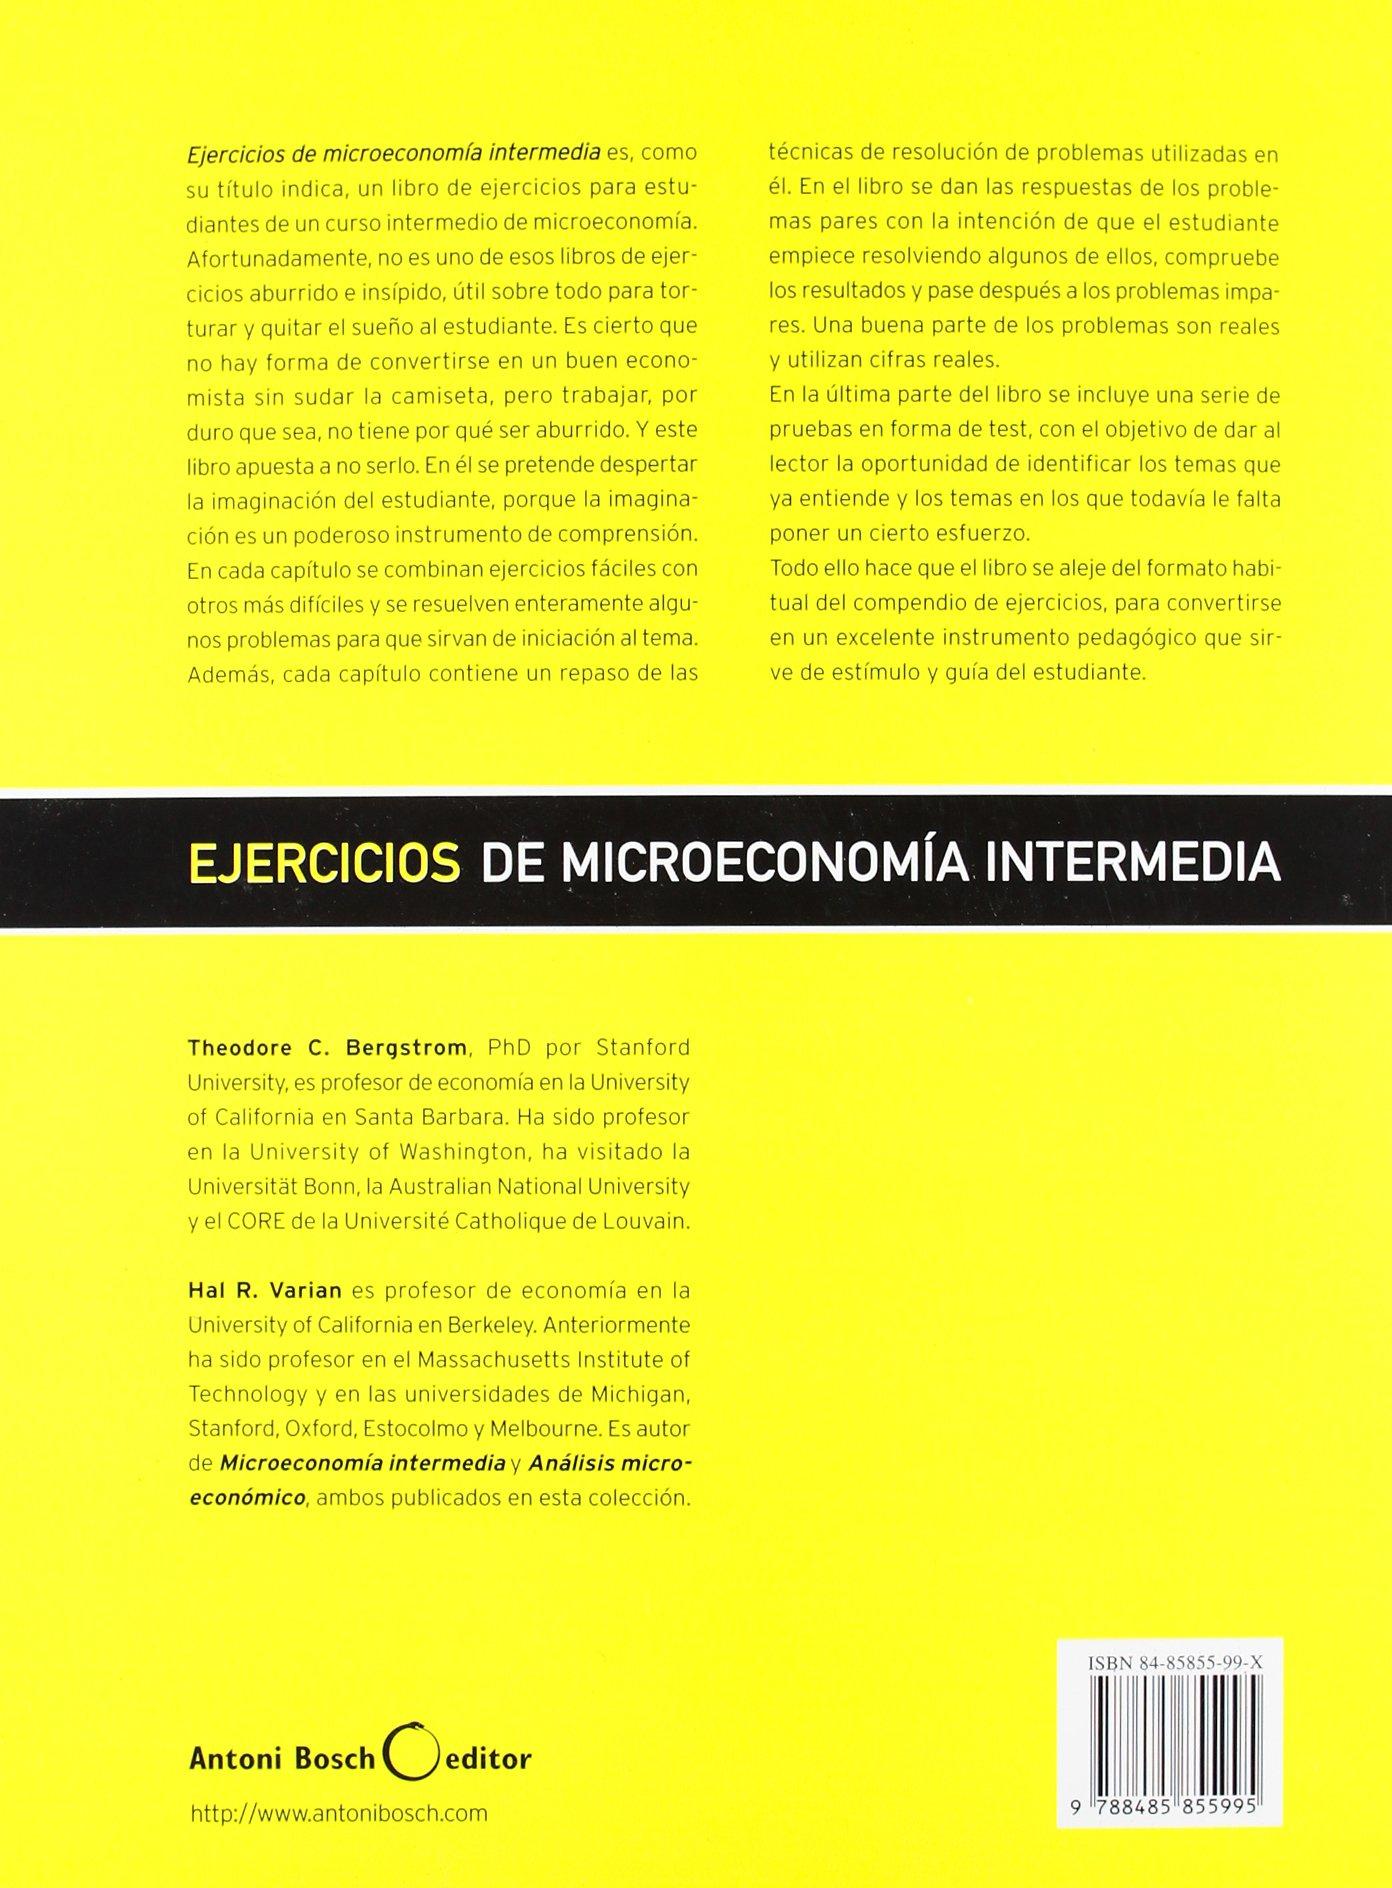 EJERCICIOS DE MICROECONOMIA INTERMEDIA BERGSTROM Y VARIAN PDF